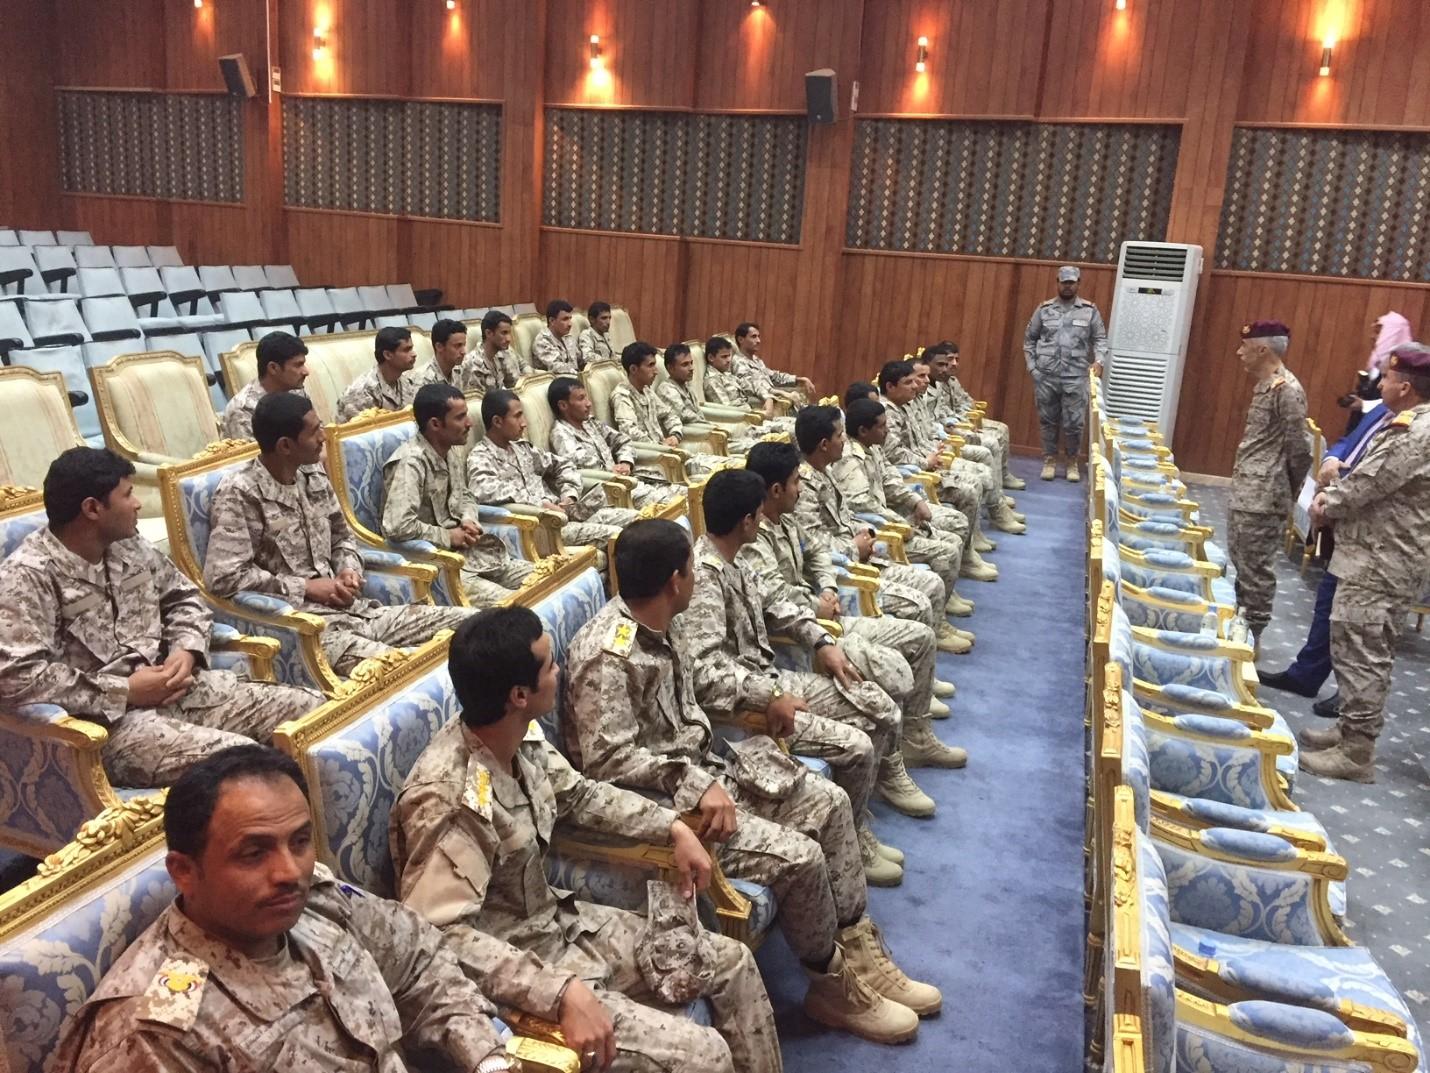 Yemen Border Guards